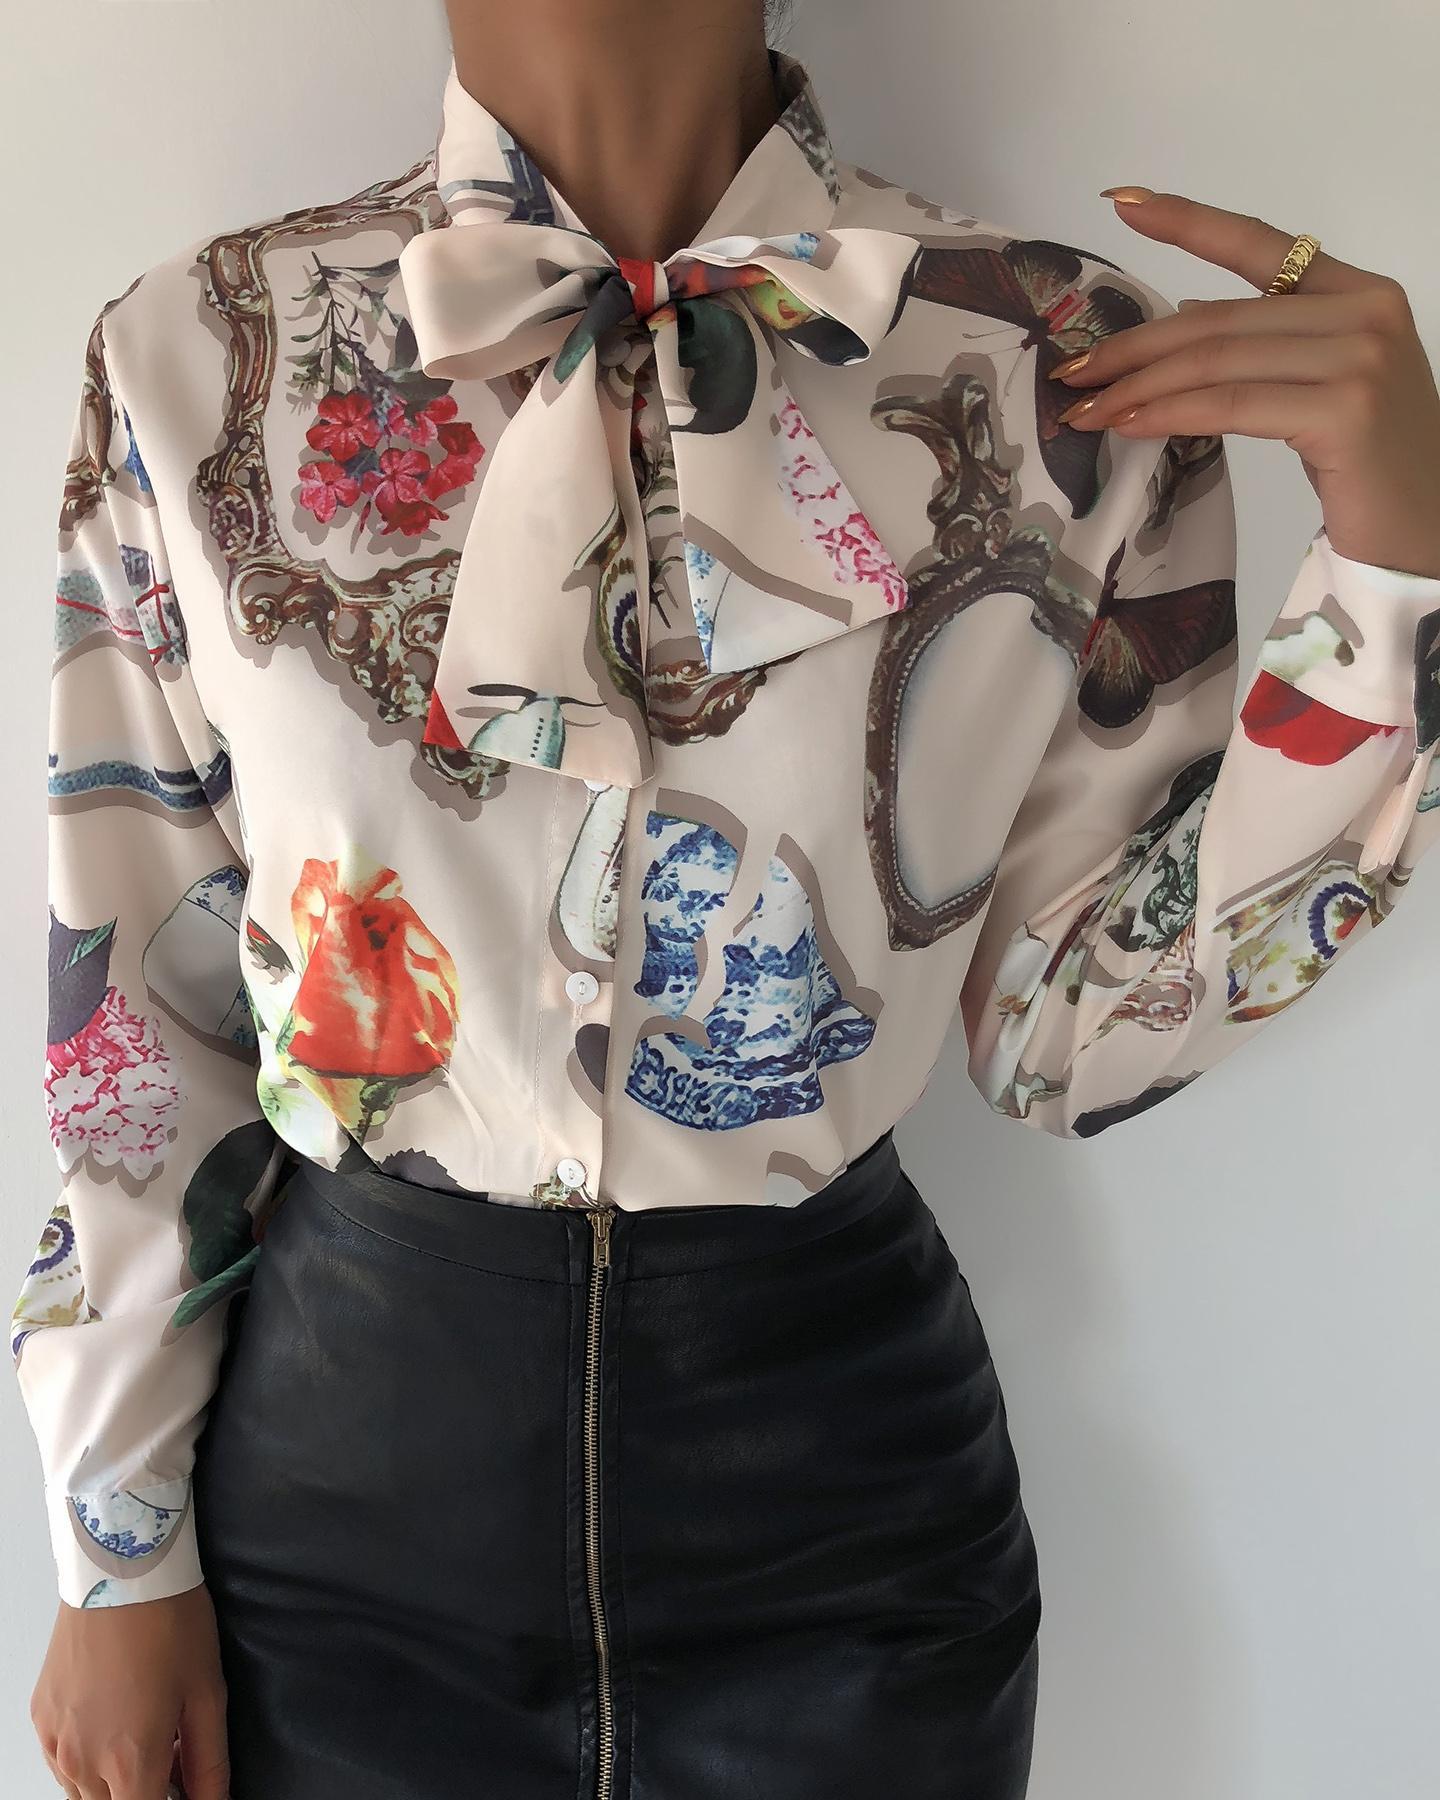 chicme / Camisa de manga comprida com estampa floral de pescoço gravata